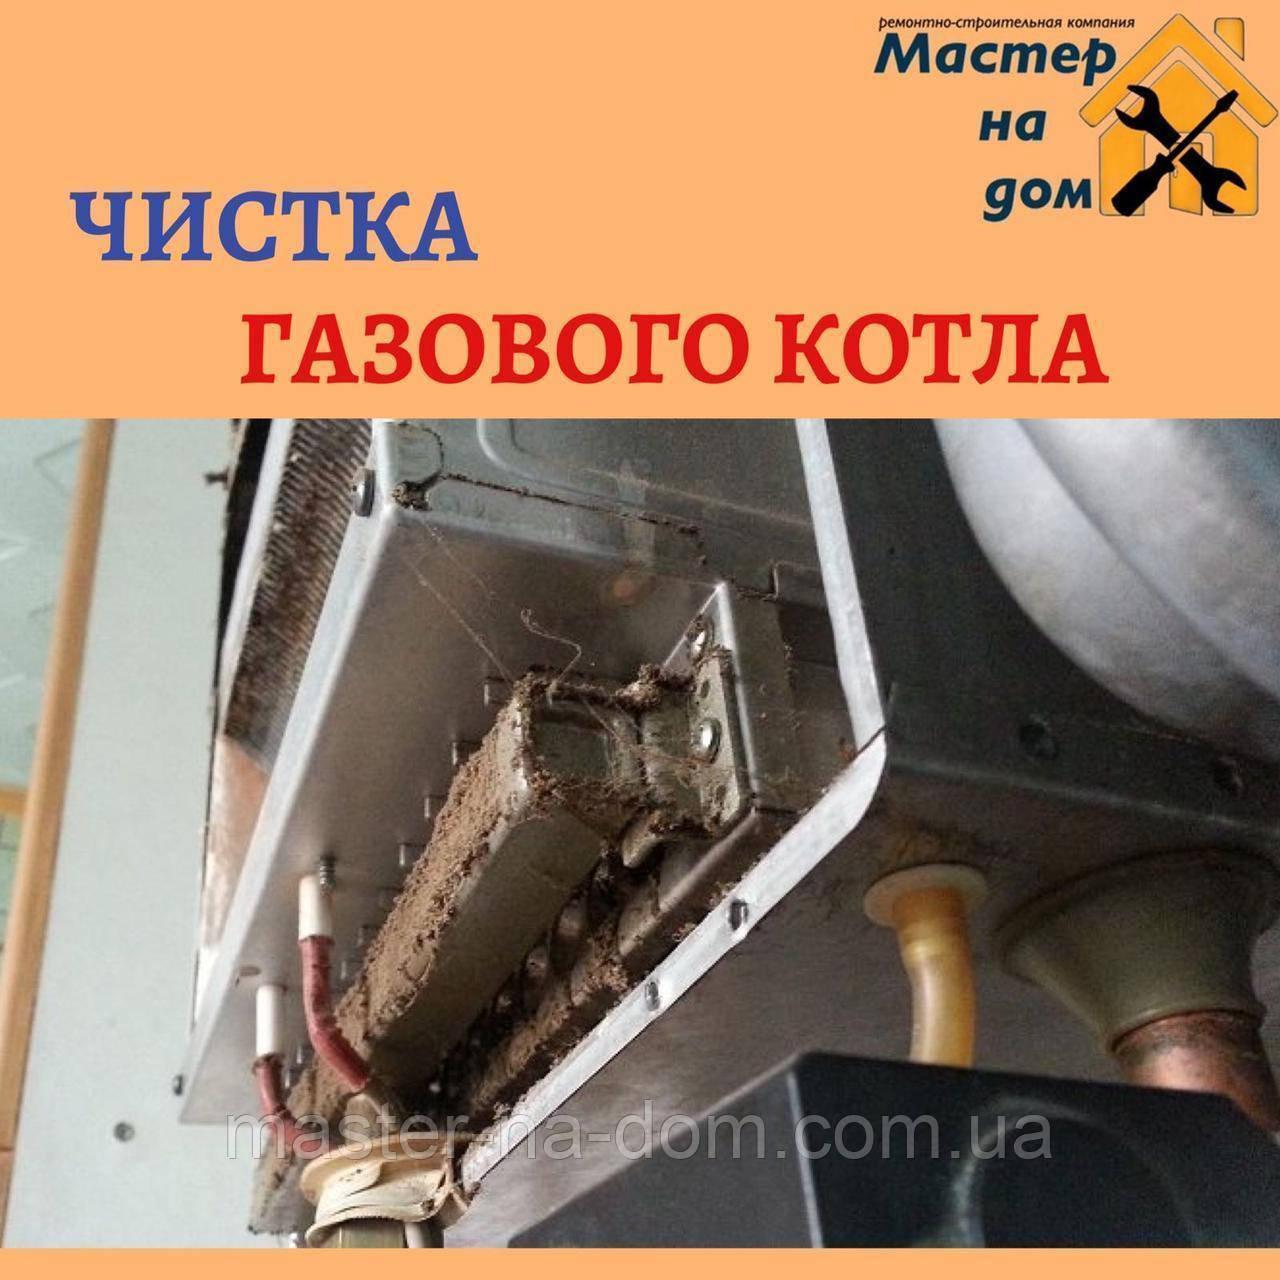 Чистка газового котла с гарантией в Ровно